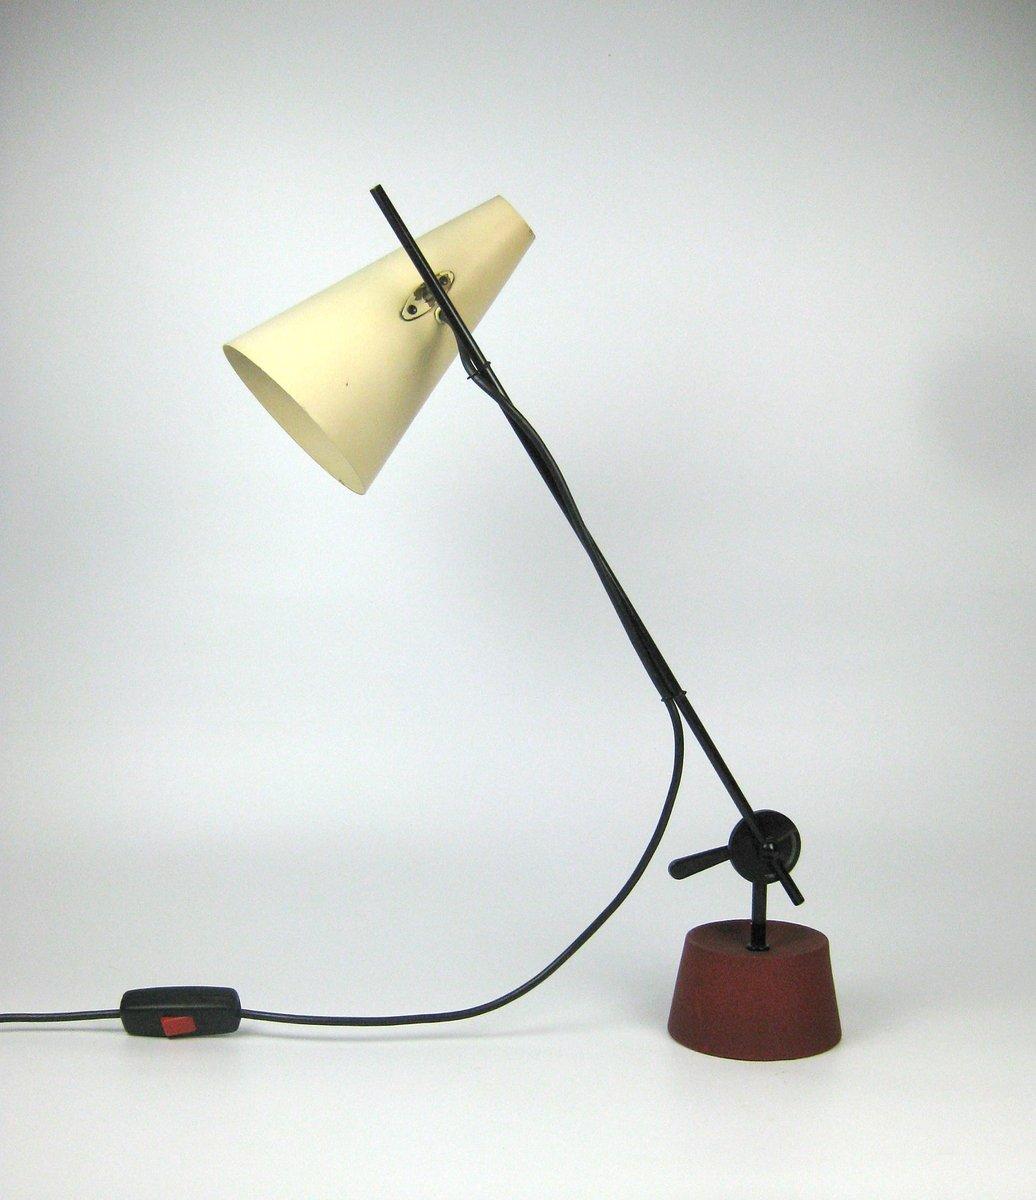 Schreibtischlampe von Bunte & Rammler, 1950er